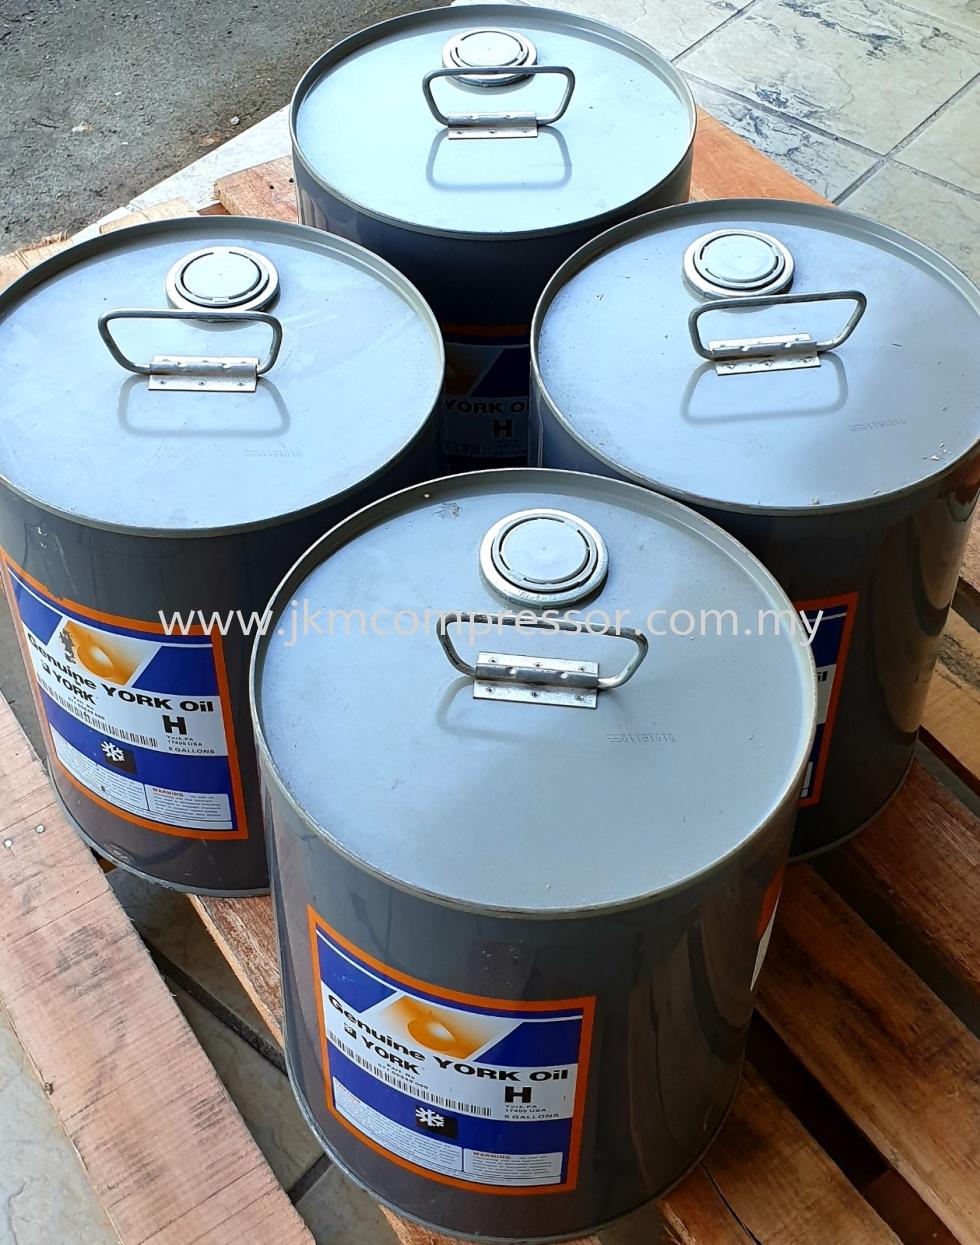 """011-00549-000 - YORK COMPRESSOR OIL """"H"""" ; 5 GALLON (18.9 LITERS)"""